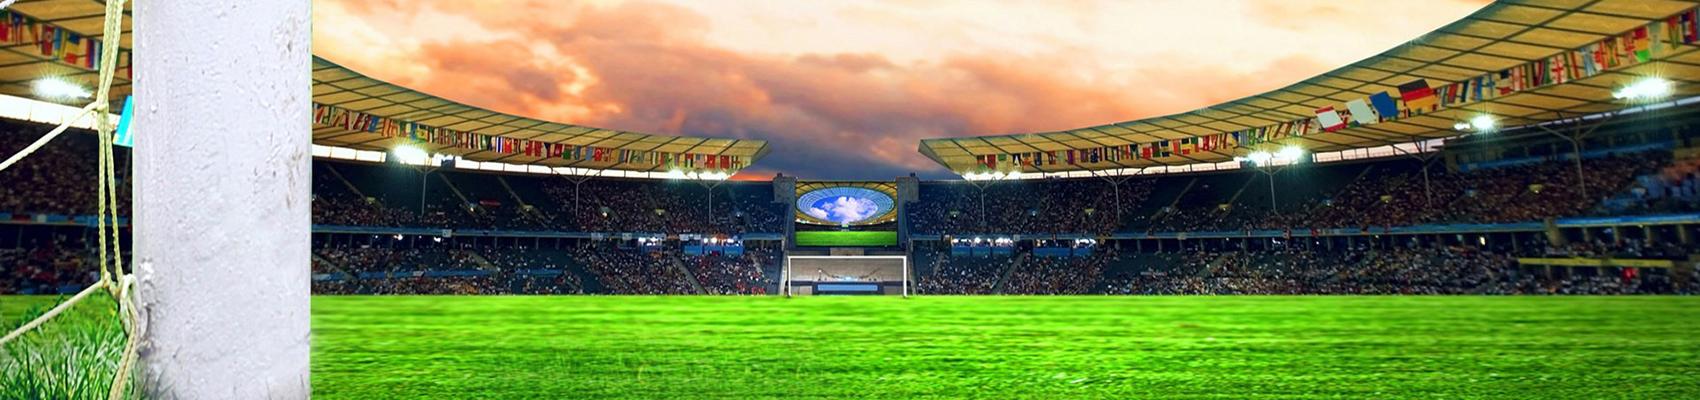 TotalSport-stadium